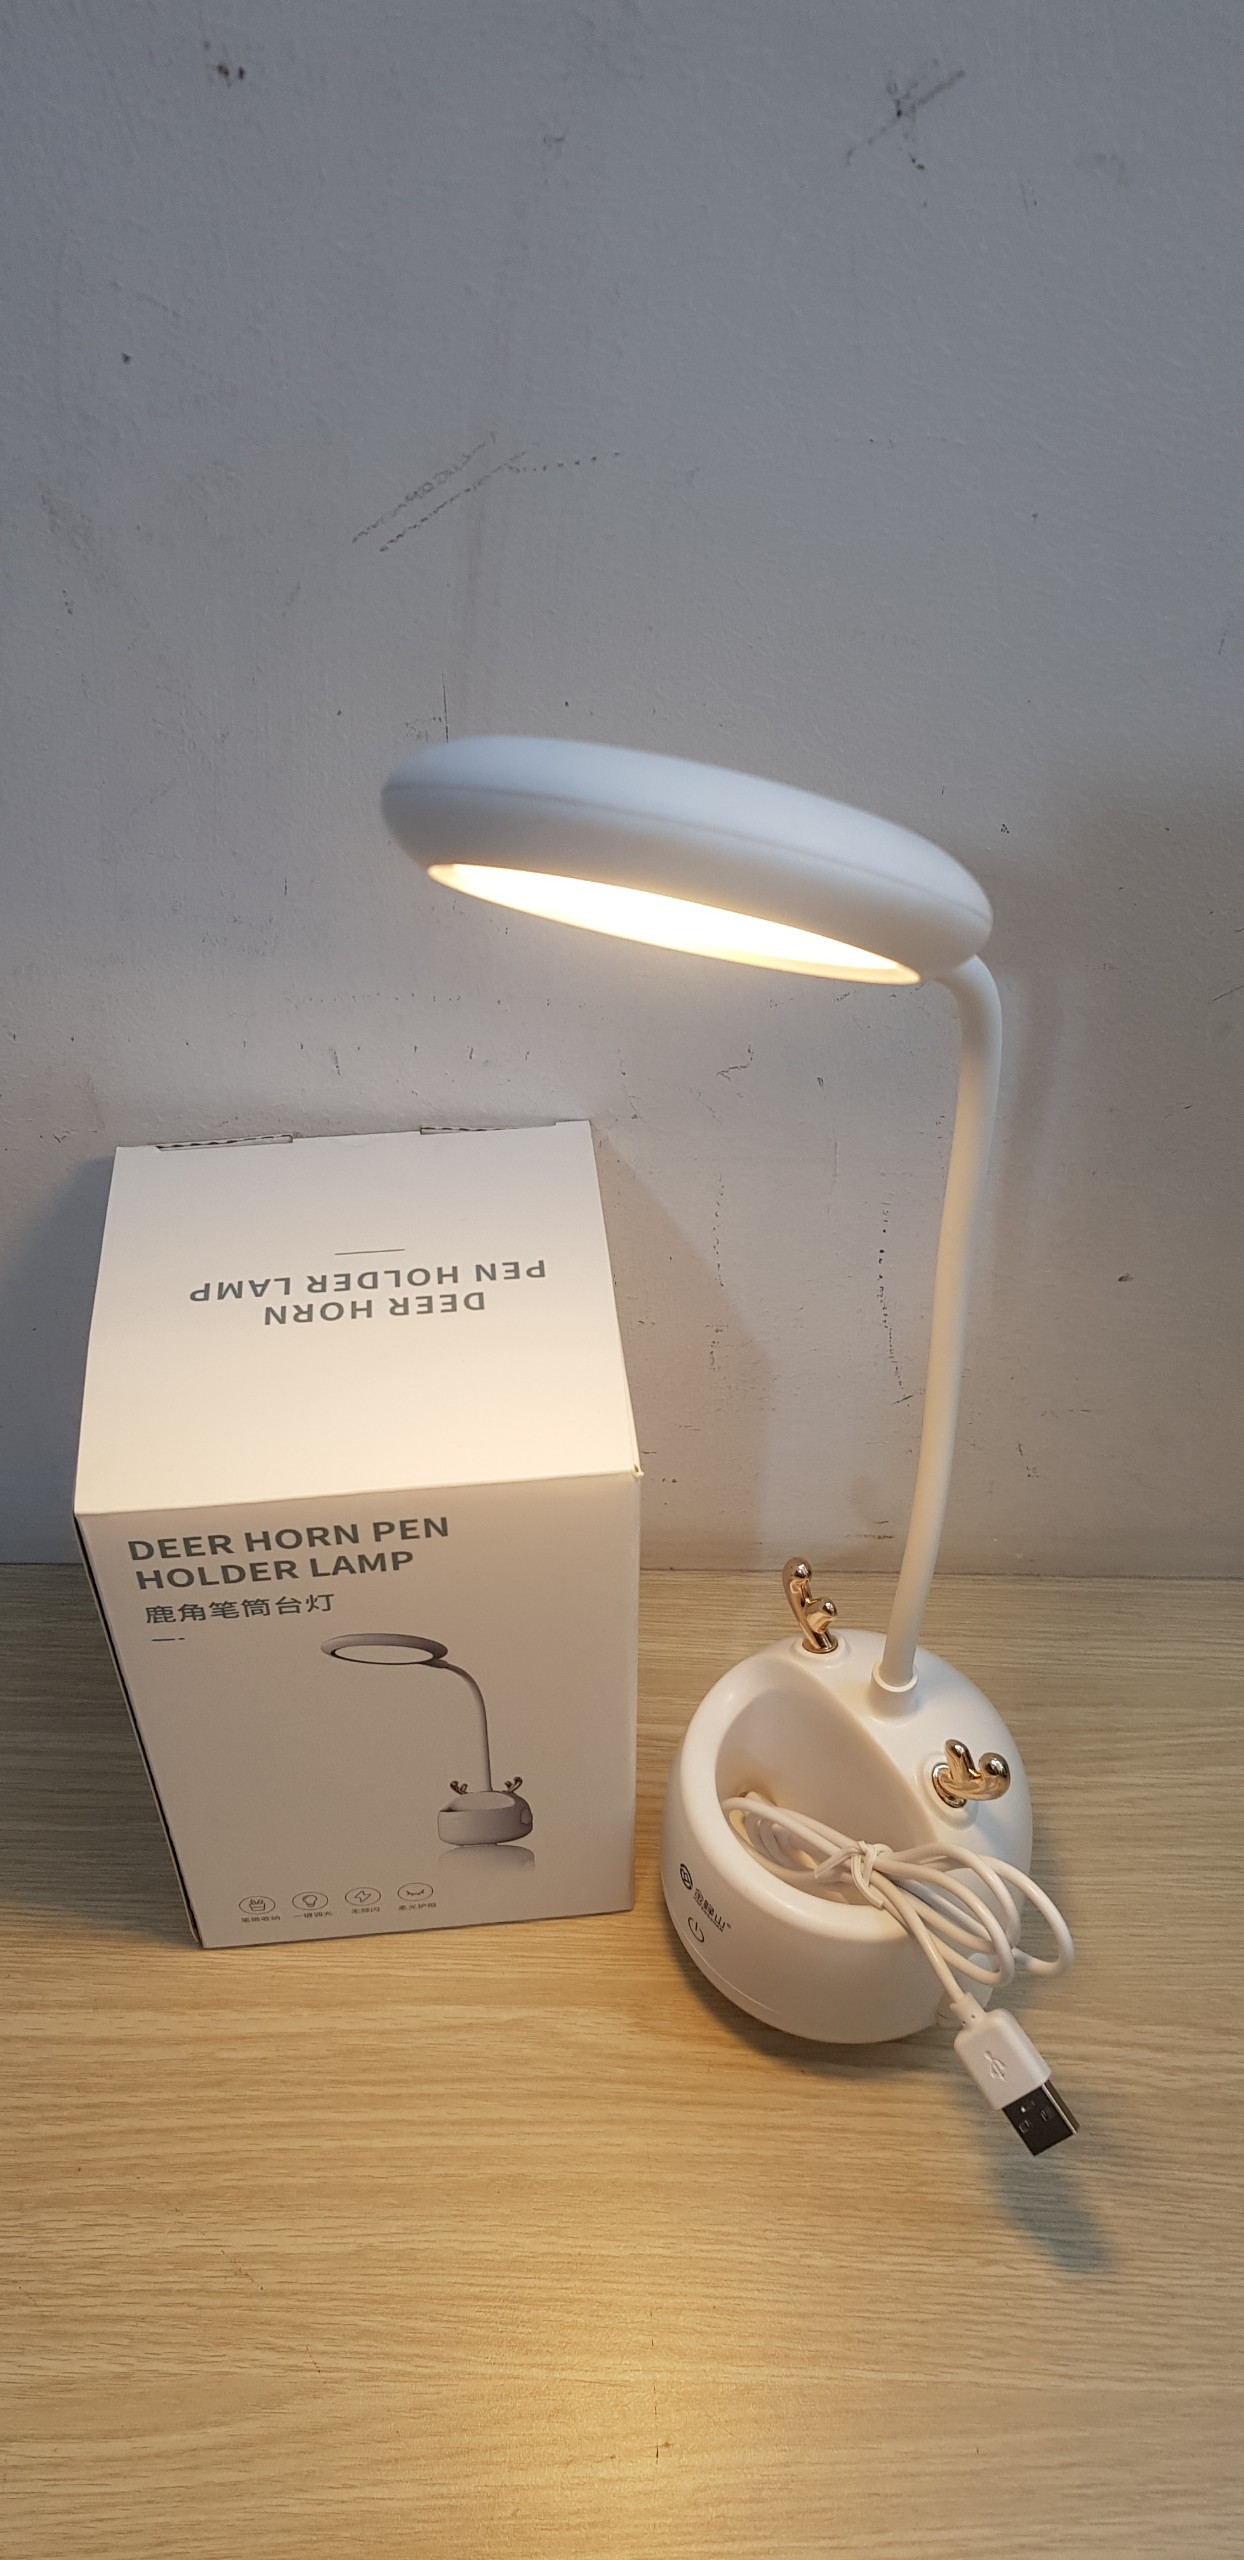 Đèn bàn sừng hưu chống cận USB 5w- công nghệ led tiết kiệm điện JFS002- 3 chế độ ánh sáng- điều chỉnh cảm ứng tiện lợi